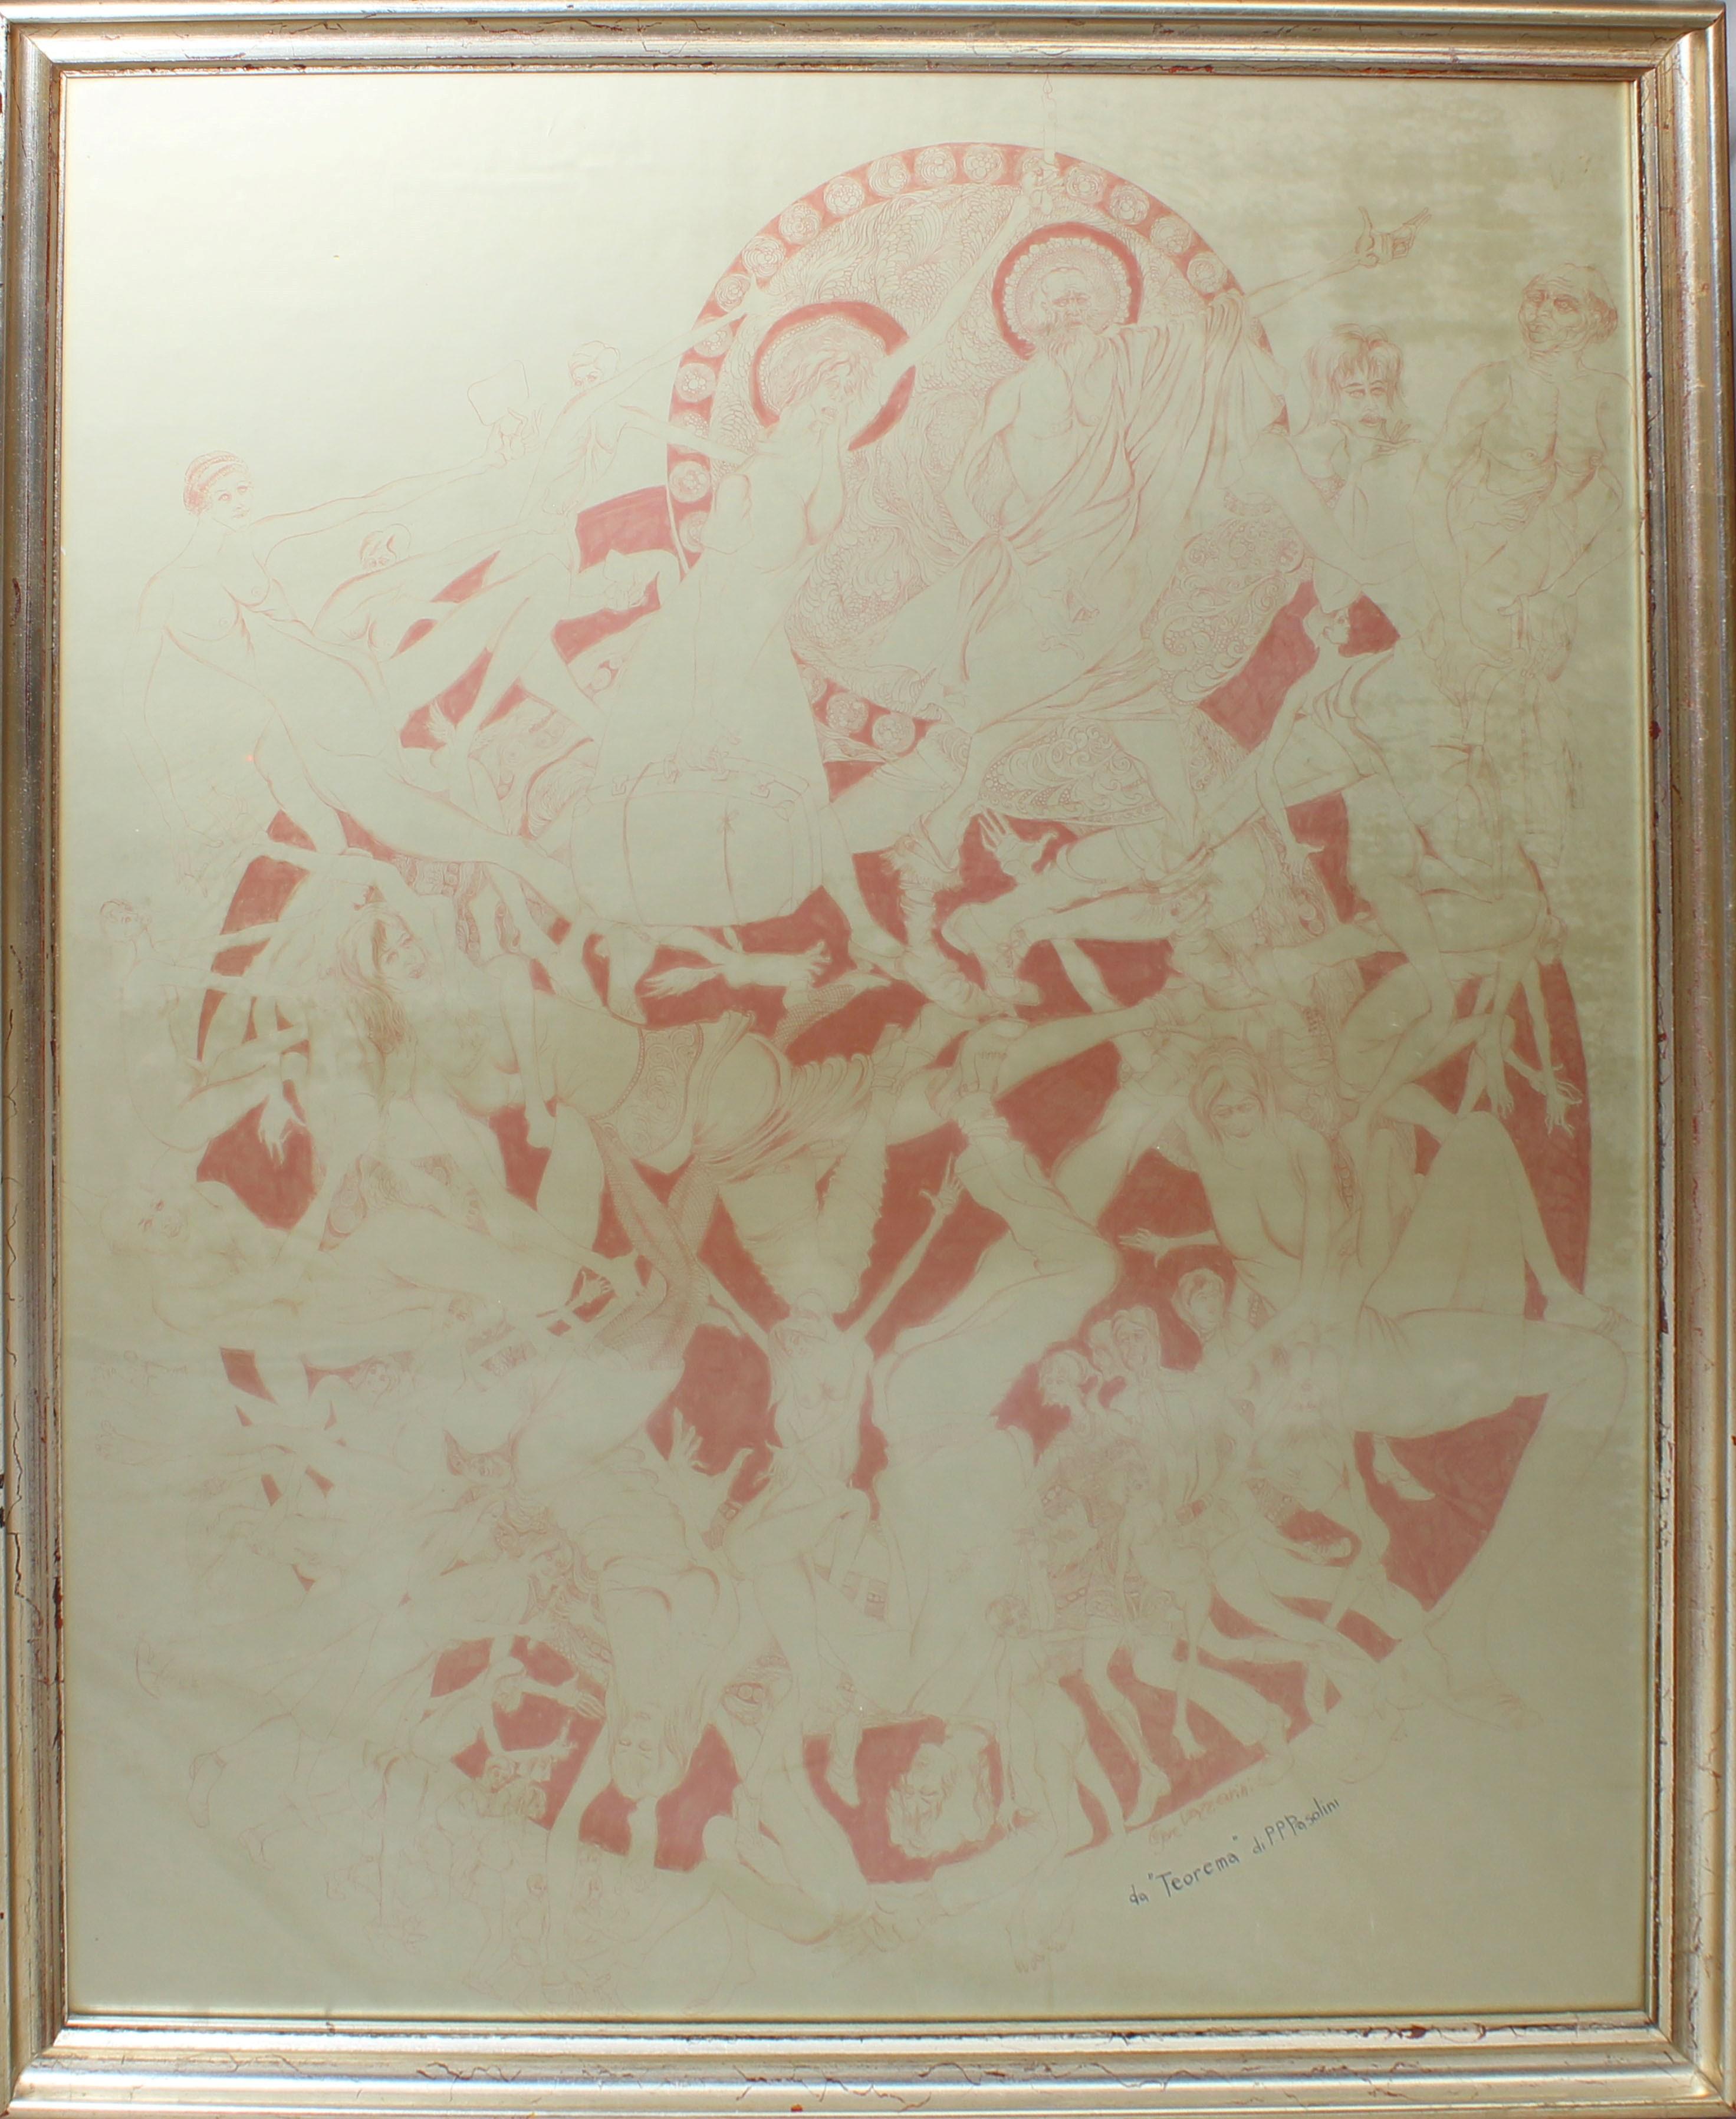 Lot 8 - Dal teorema di P.P. Pasolini grafica a firma Lazzarini cm. 80x100